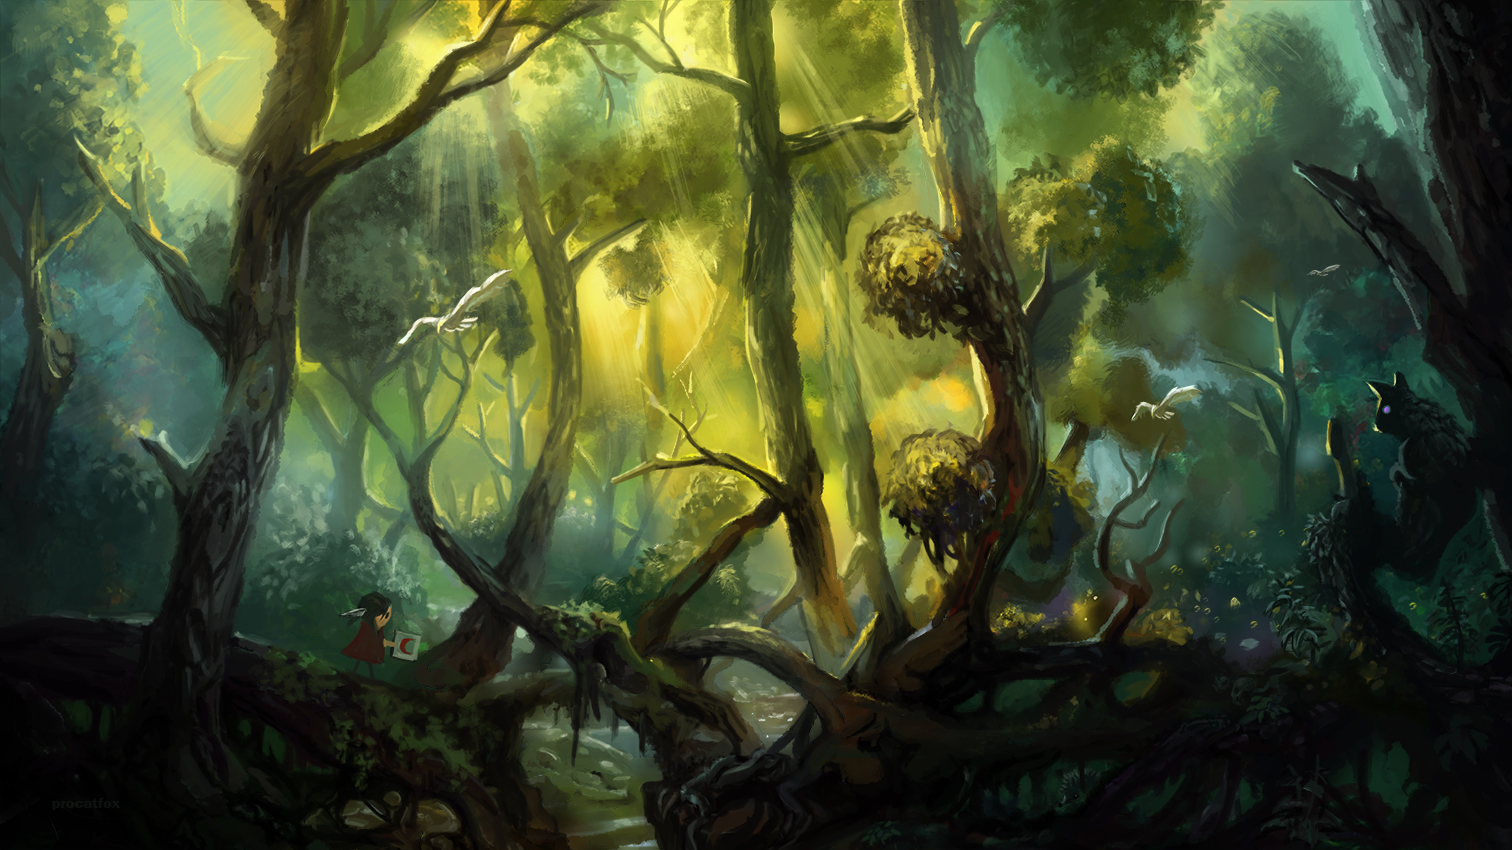 Find the hedgehog fantasy forest